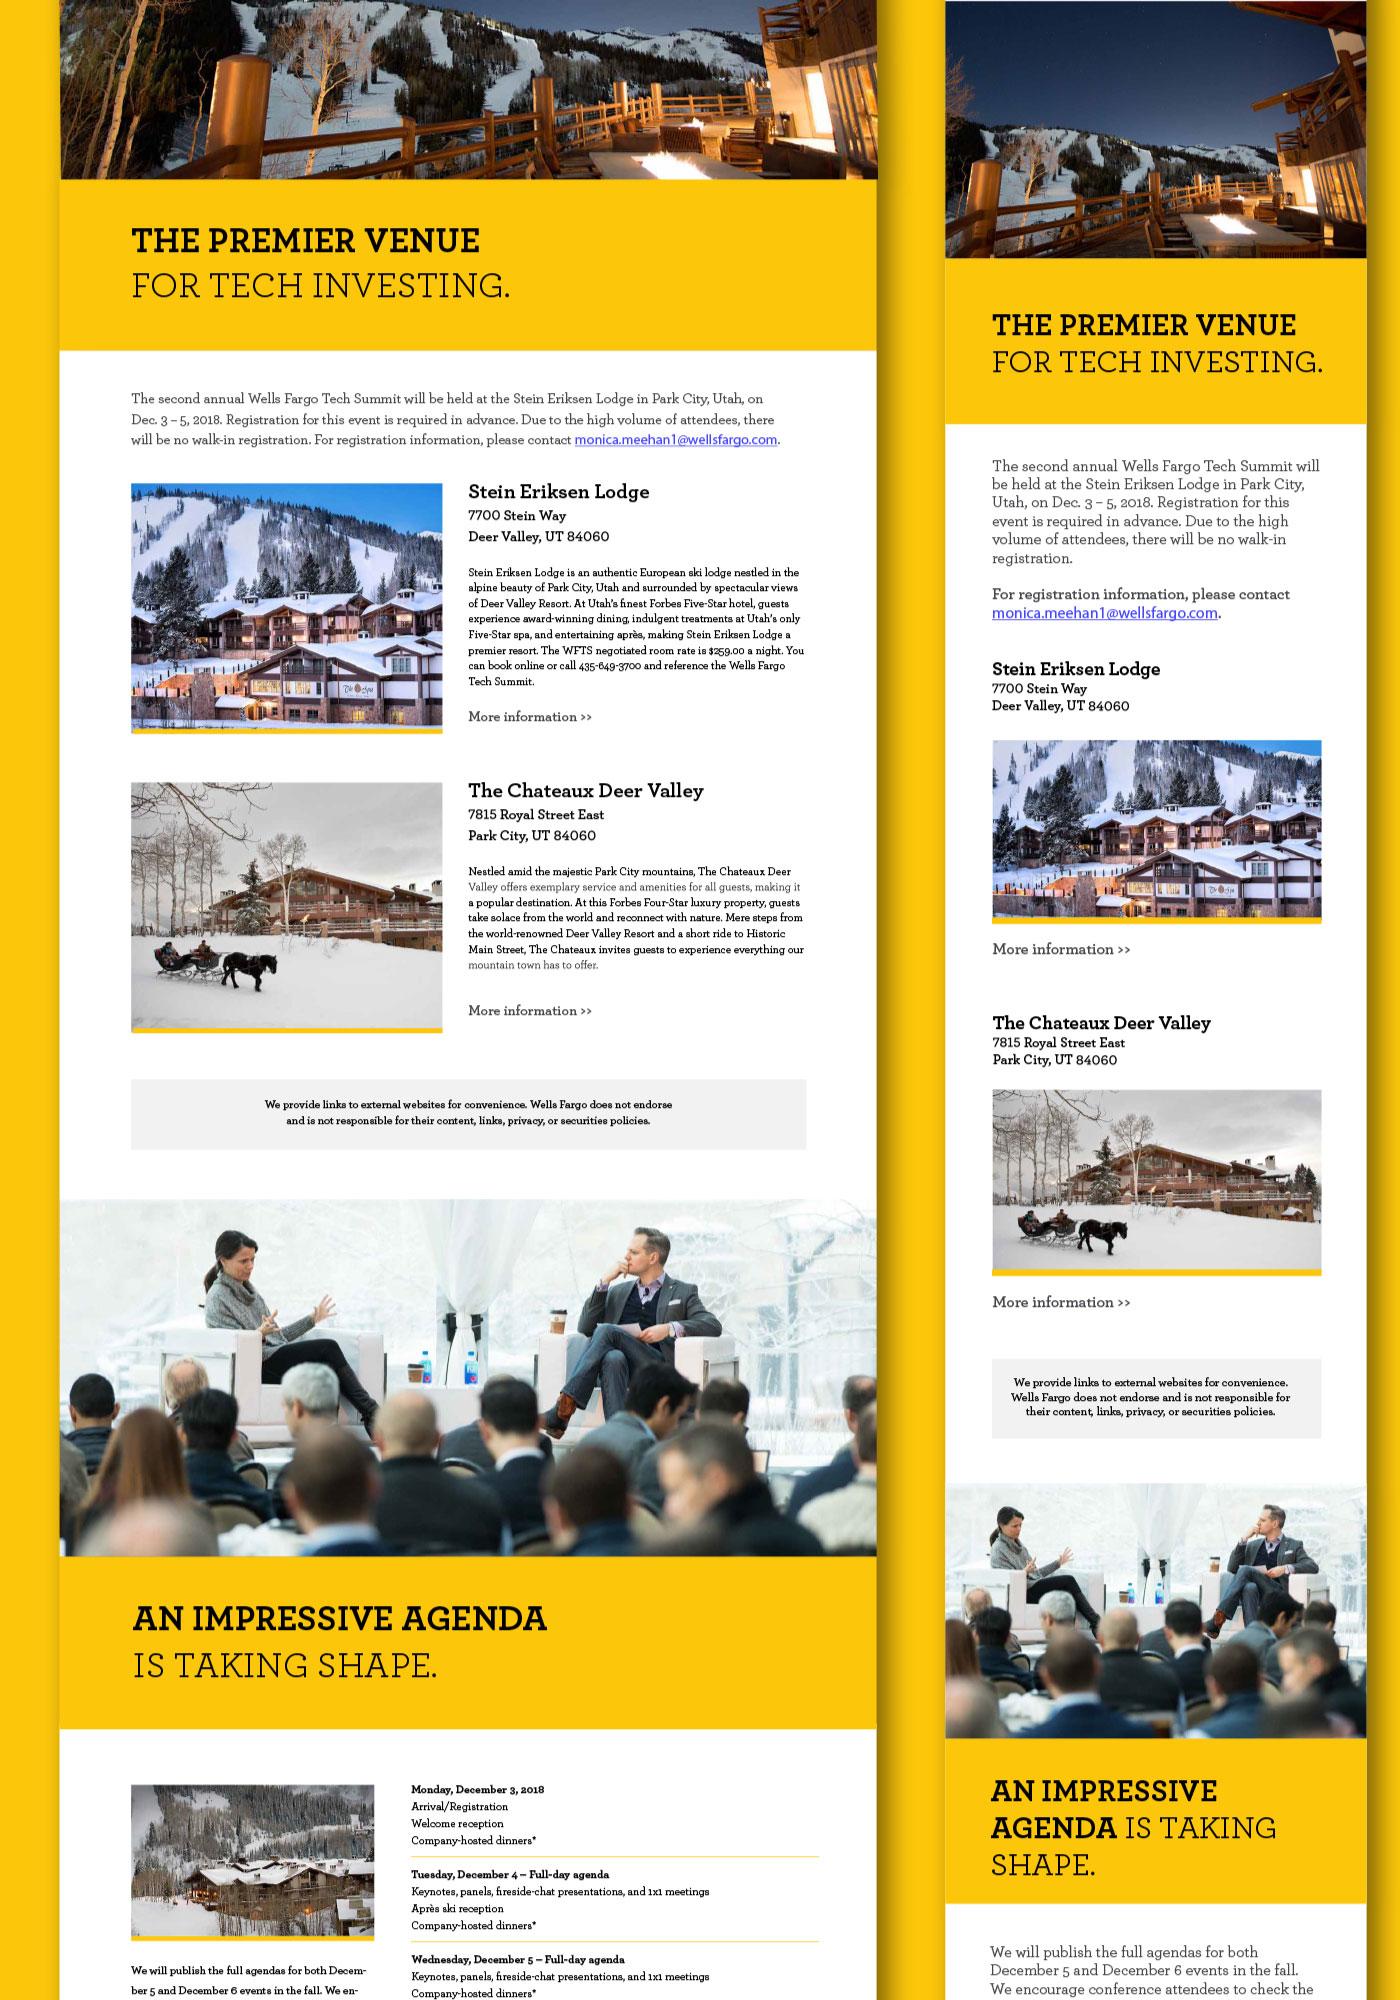 Wells Fargo Tech Summit website shown in desktop and mobile view